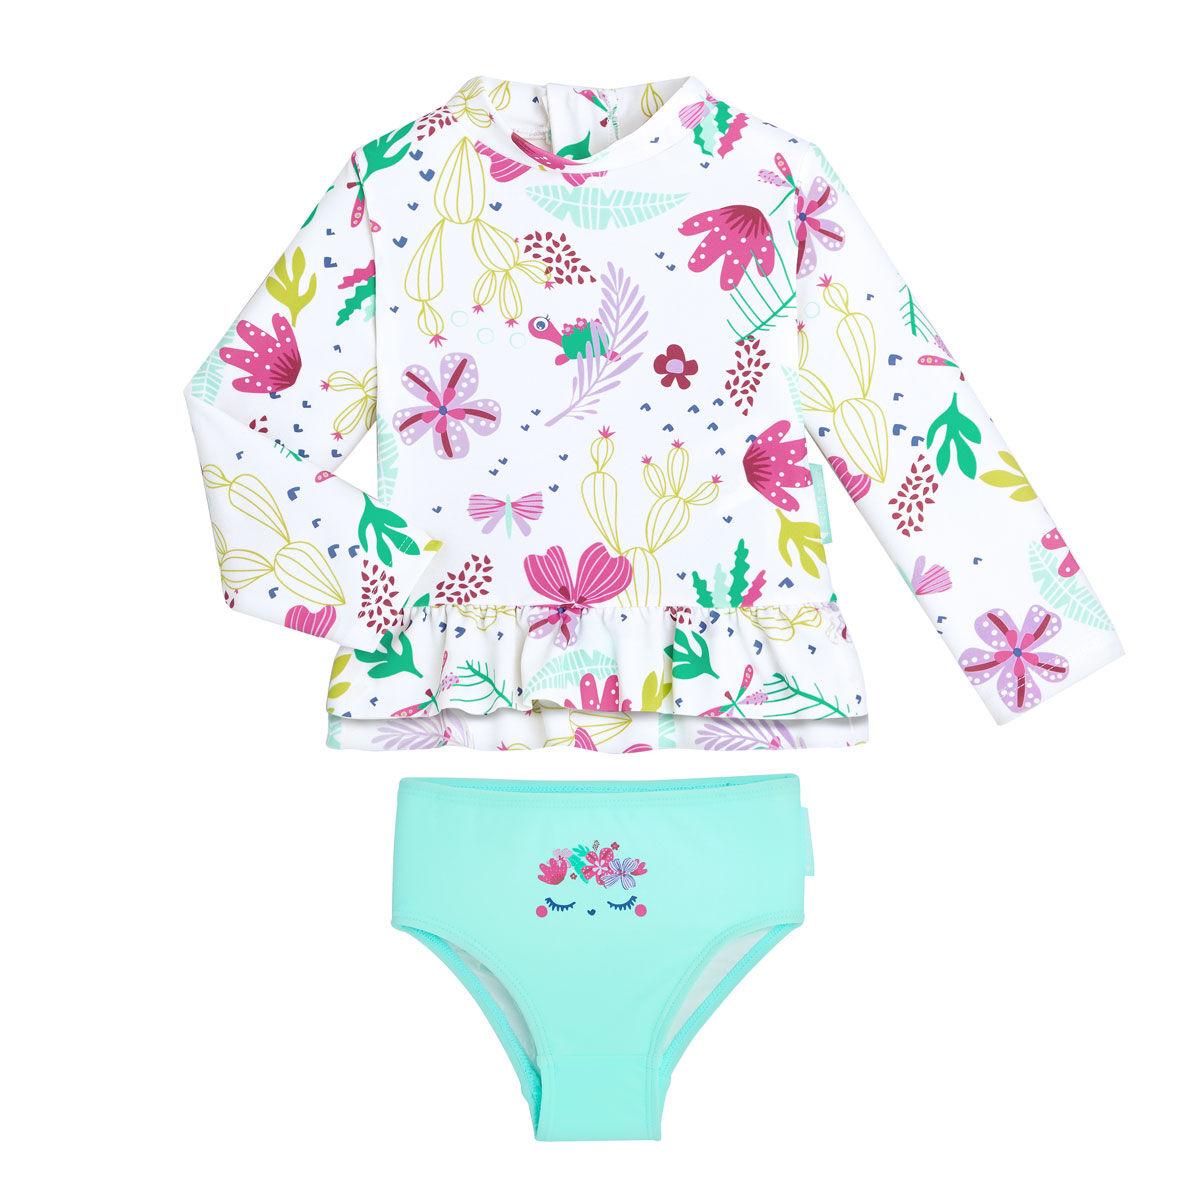 Petit Béguin Maillot de bain ANTI-UV fille 2 pièces t-shirt & culotte Tropic Coco - Taille - 9 mois